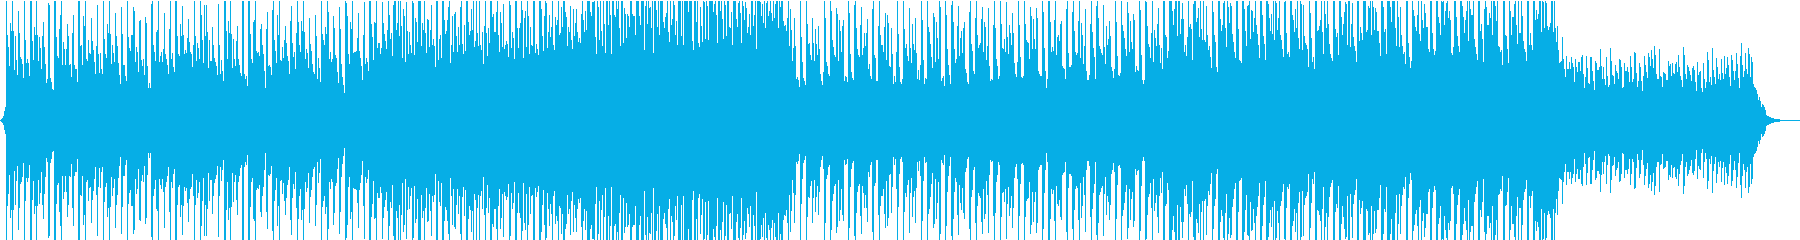 深いバックグラウンドミュージックの再生済みの波形